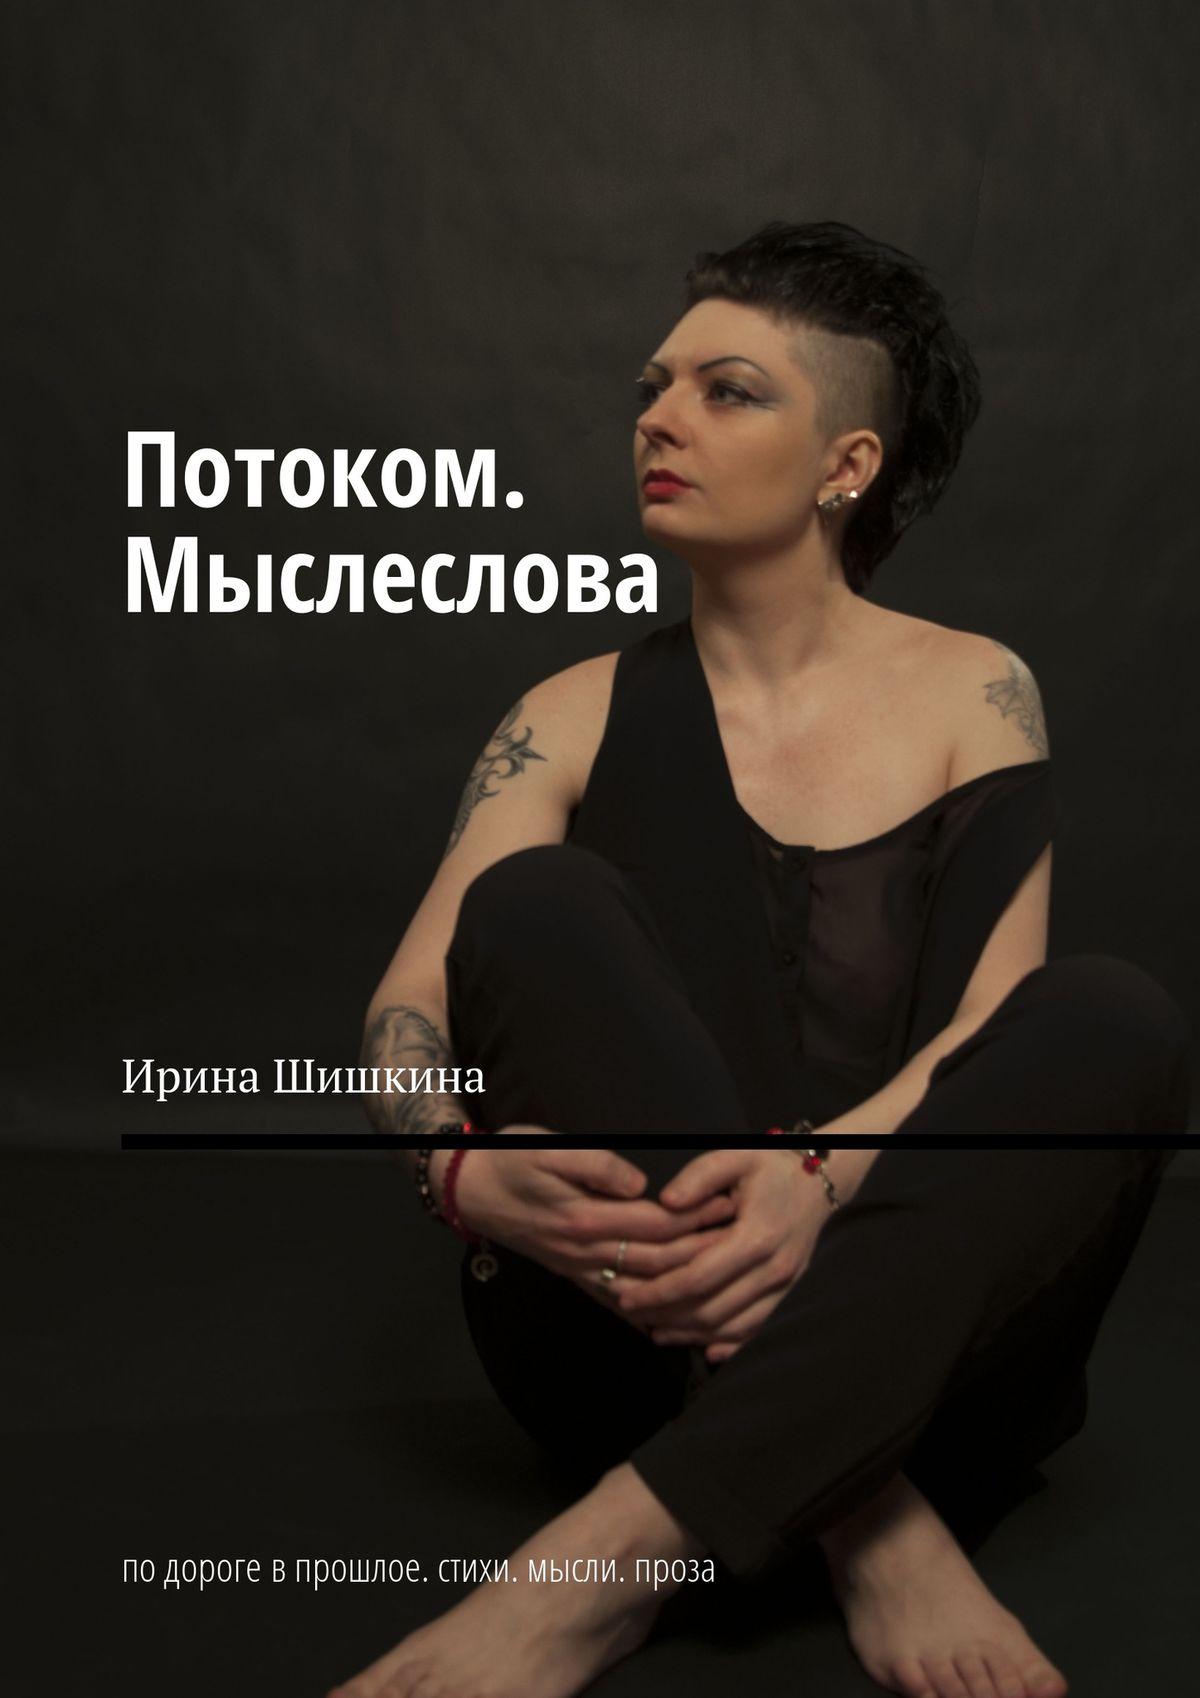 Ирина шишкина секс